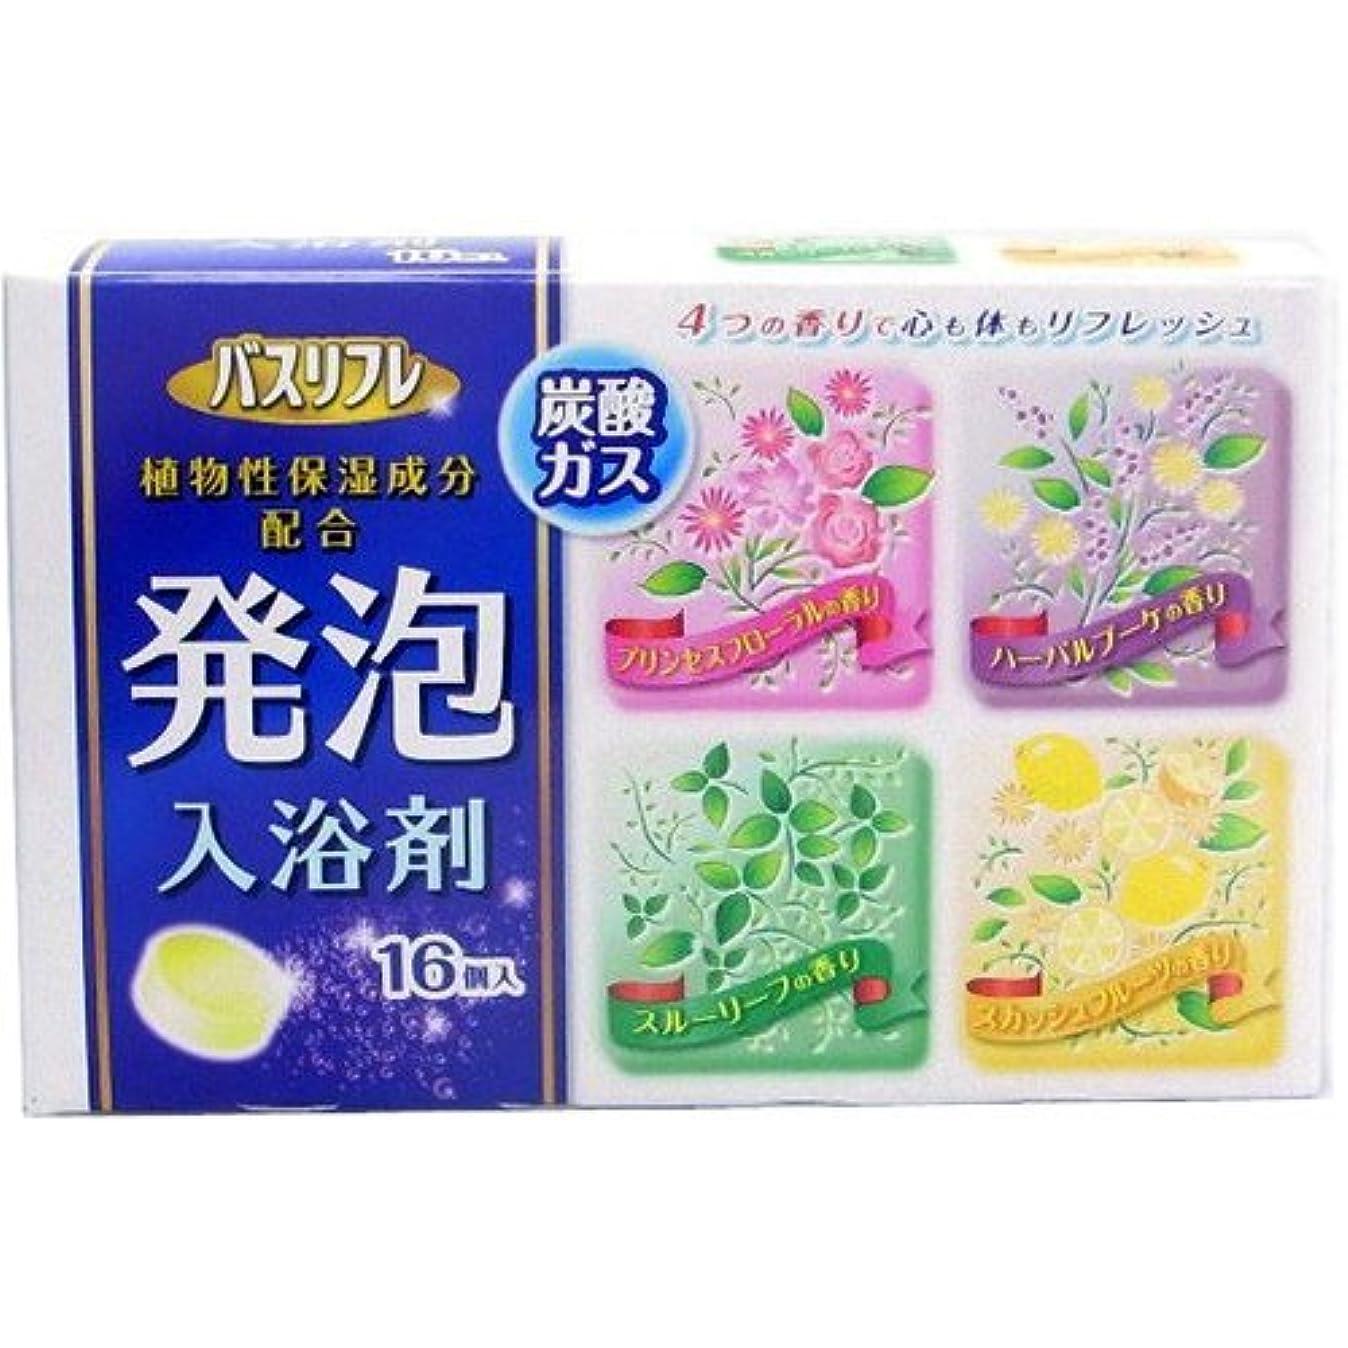 量で金額教養があるバスリフレ 薬用発泡入浴剤 16錠 [医薬部外品] Japan